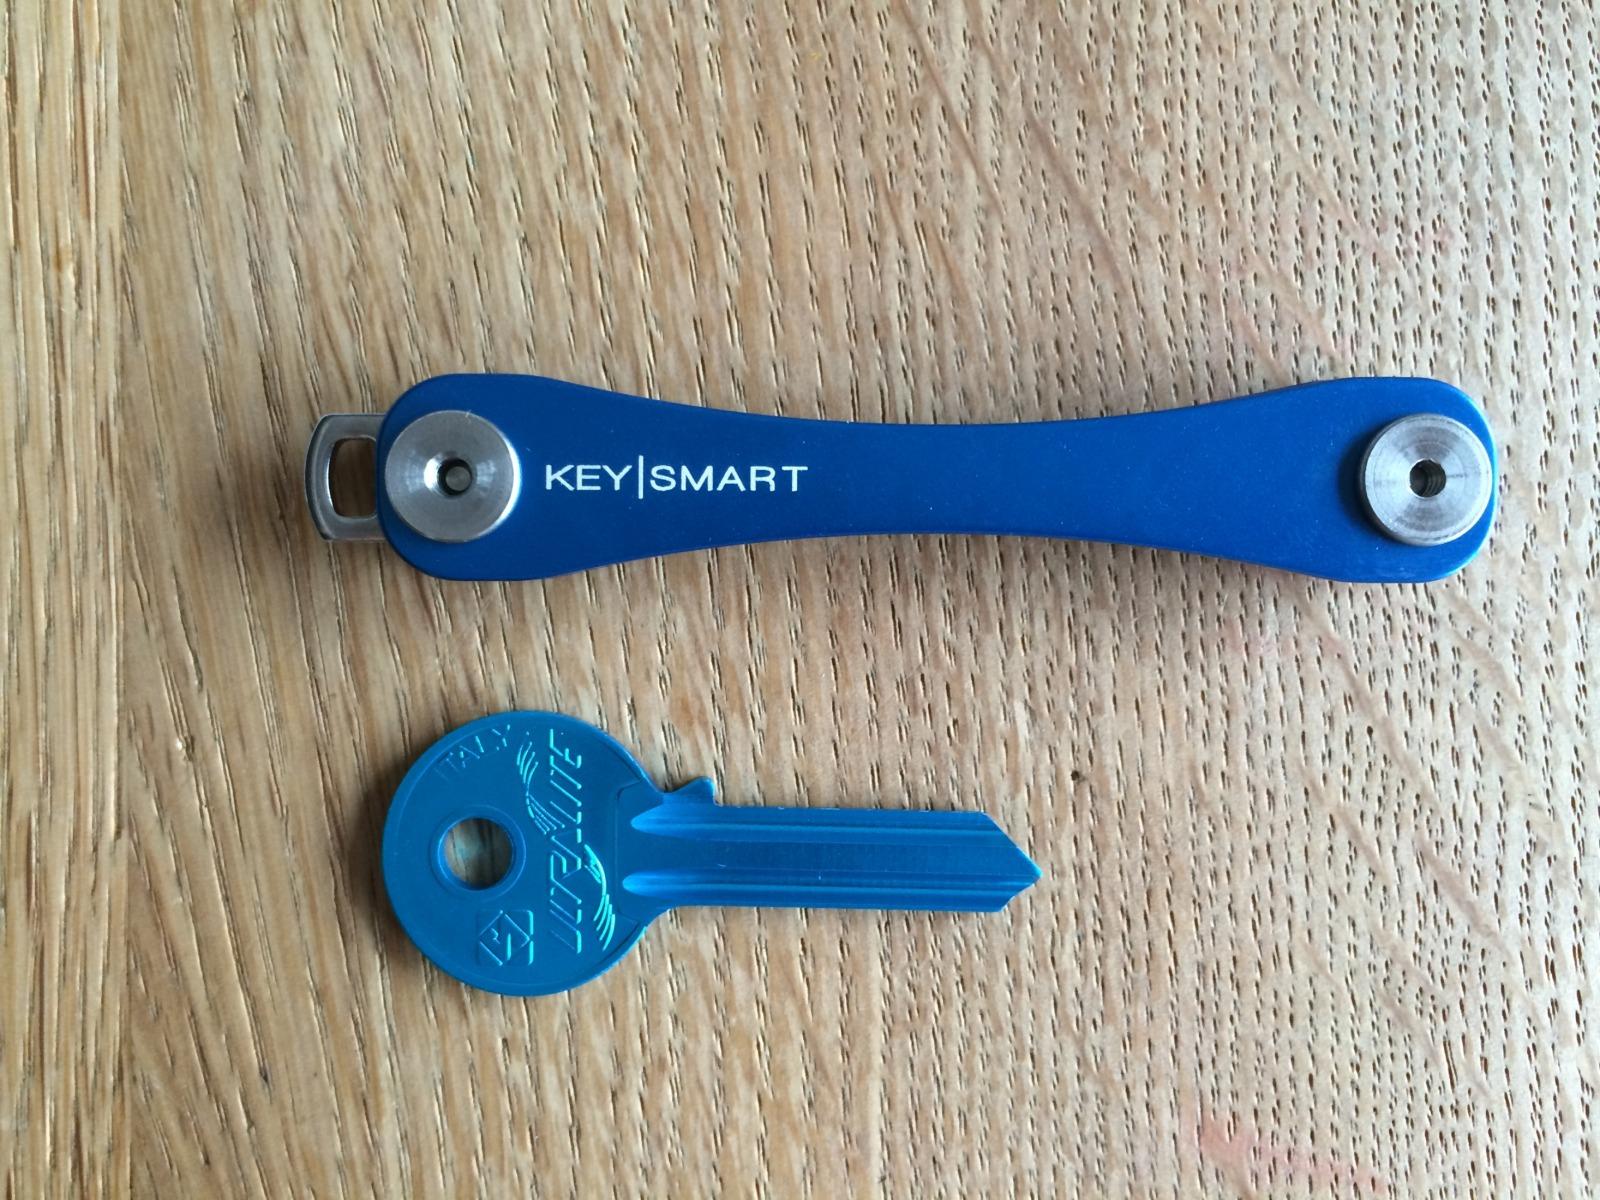 Ultralite-Ersatzschlüssel für den Keysmart 5